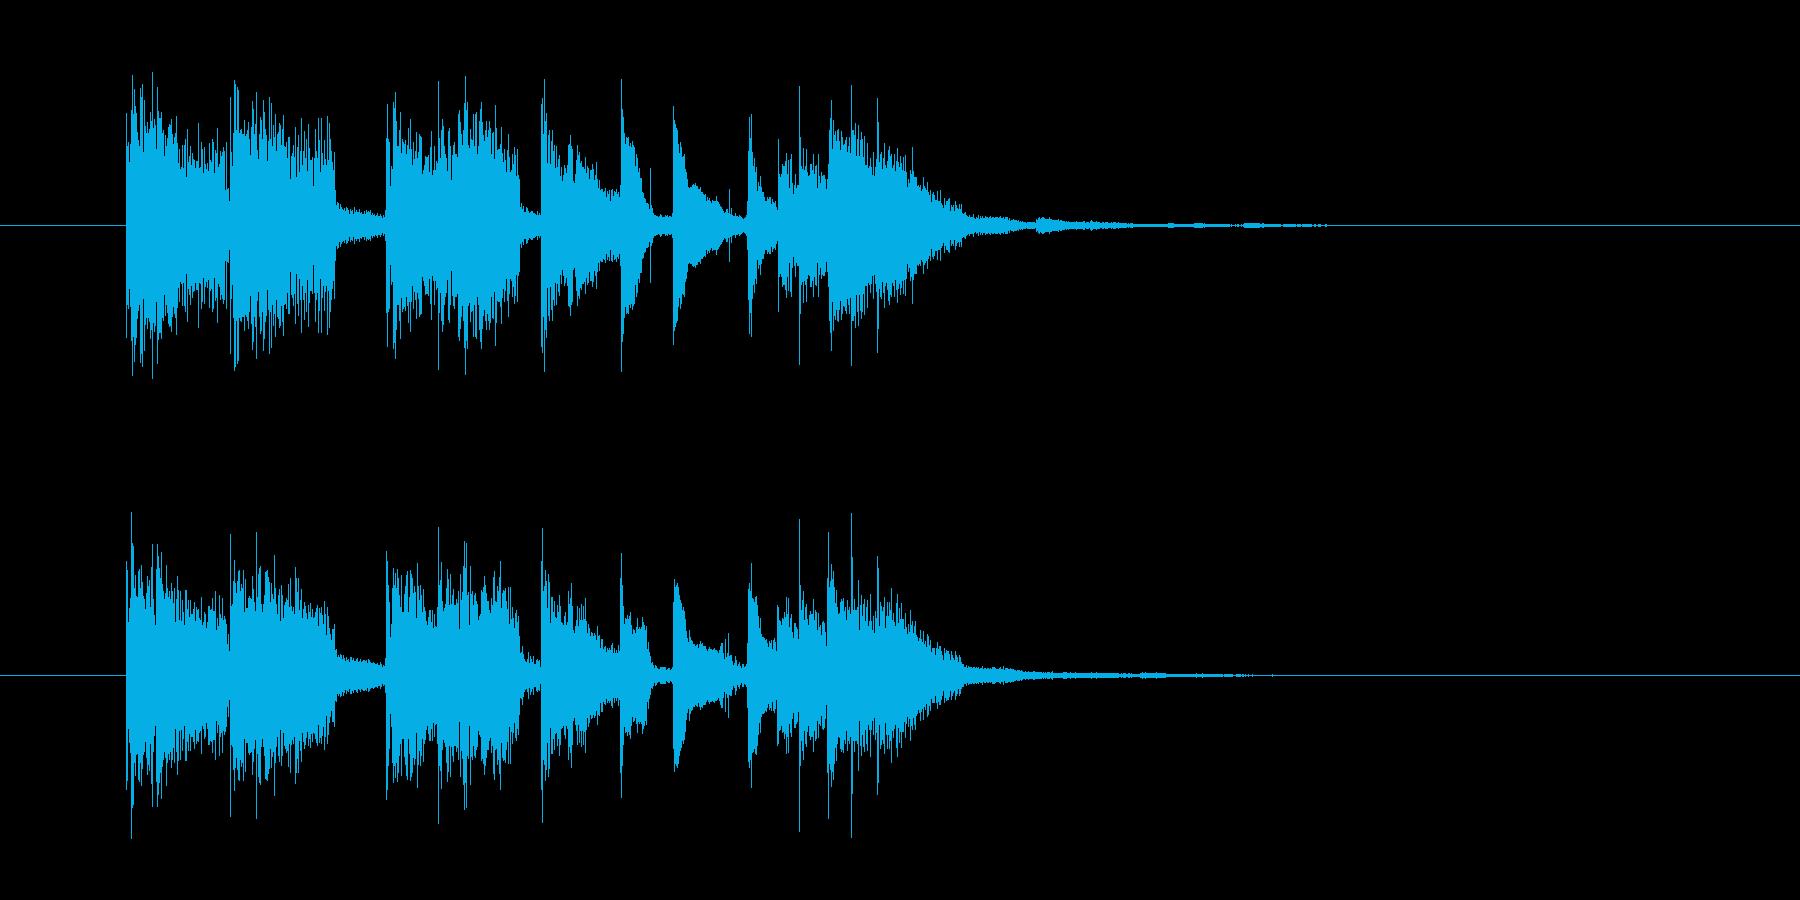 場面転換やアイキャッチなどに最適なロックの再生済みの波形